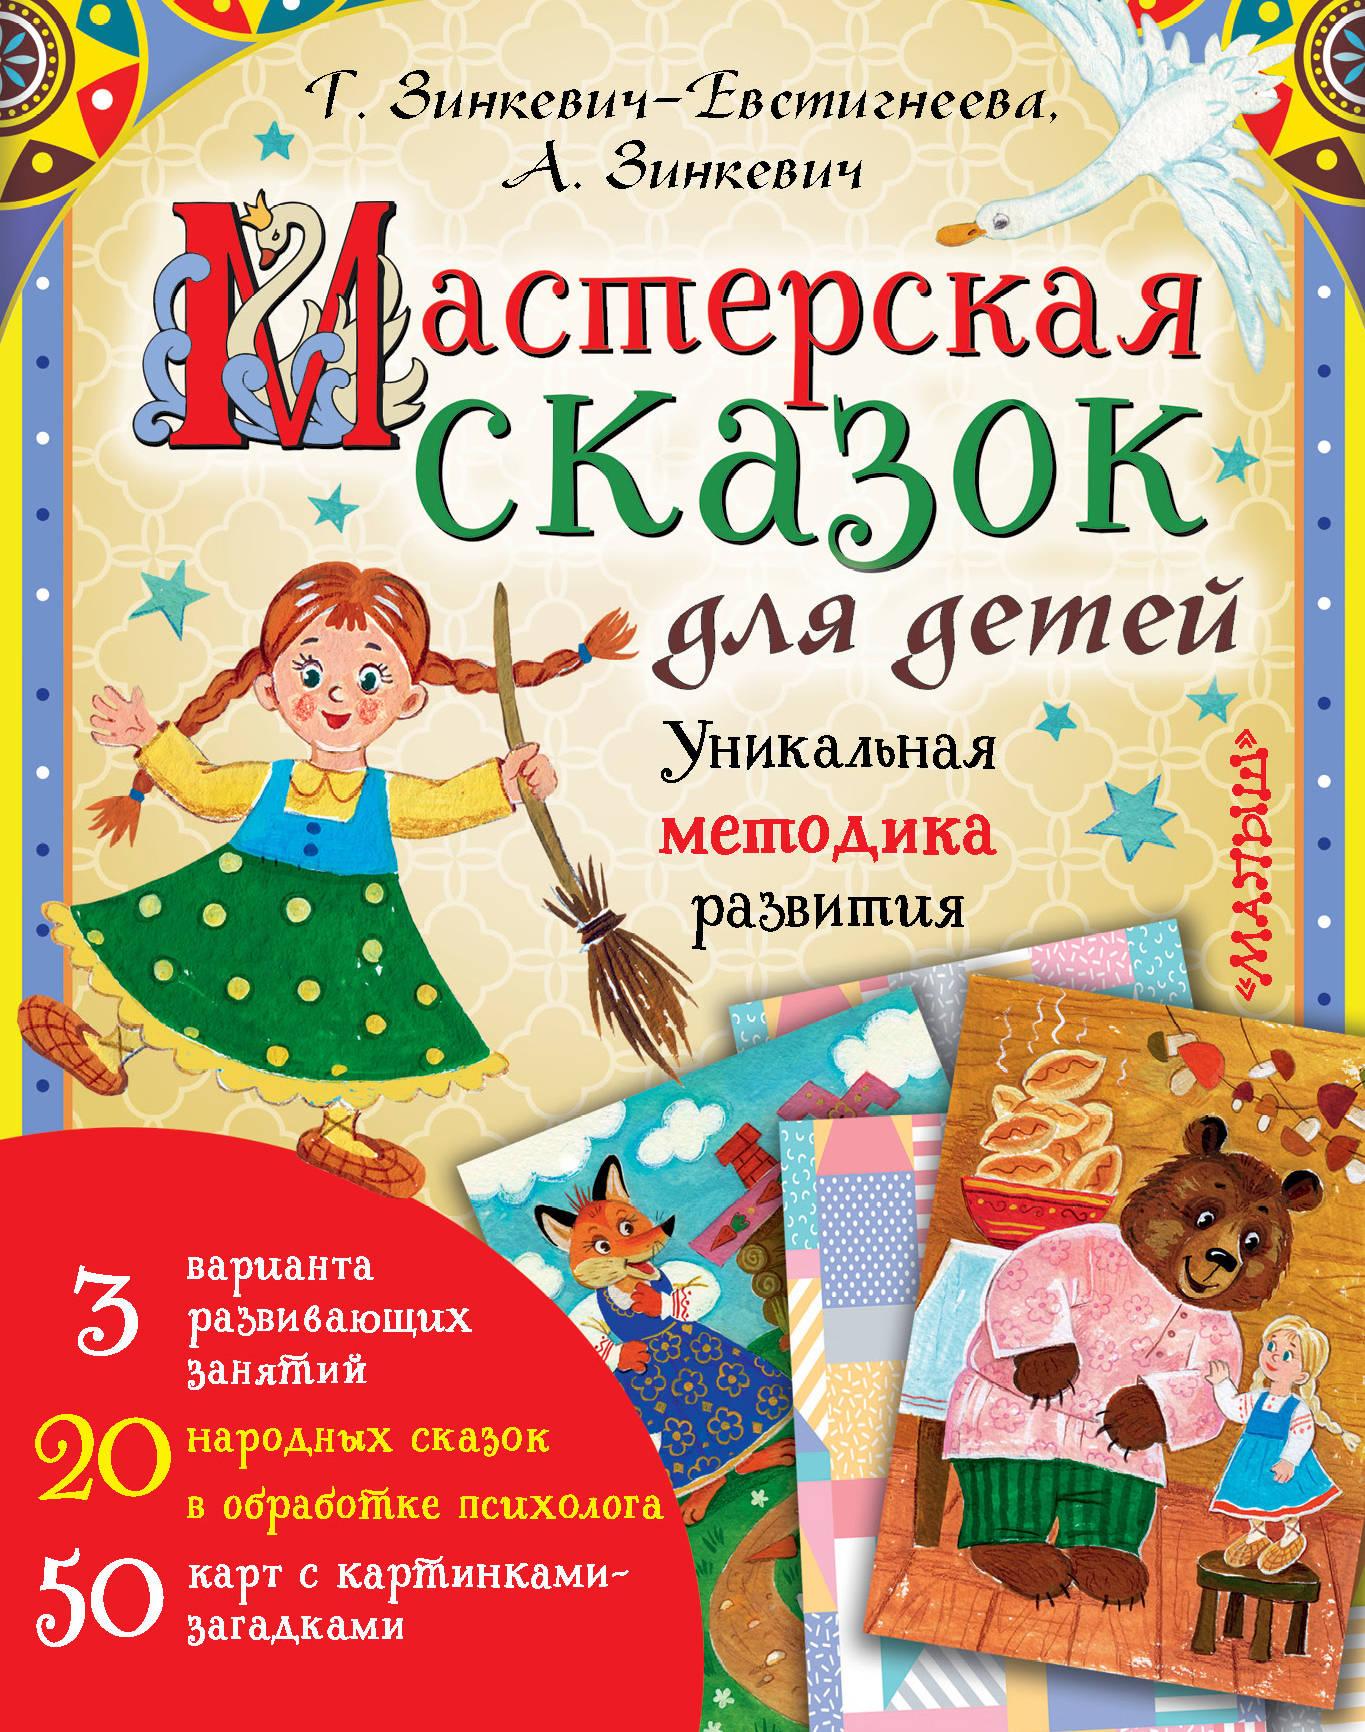 Мастерская сказок для детей